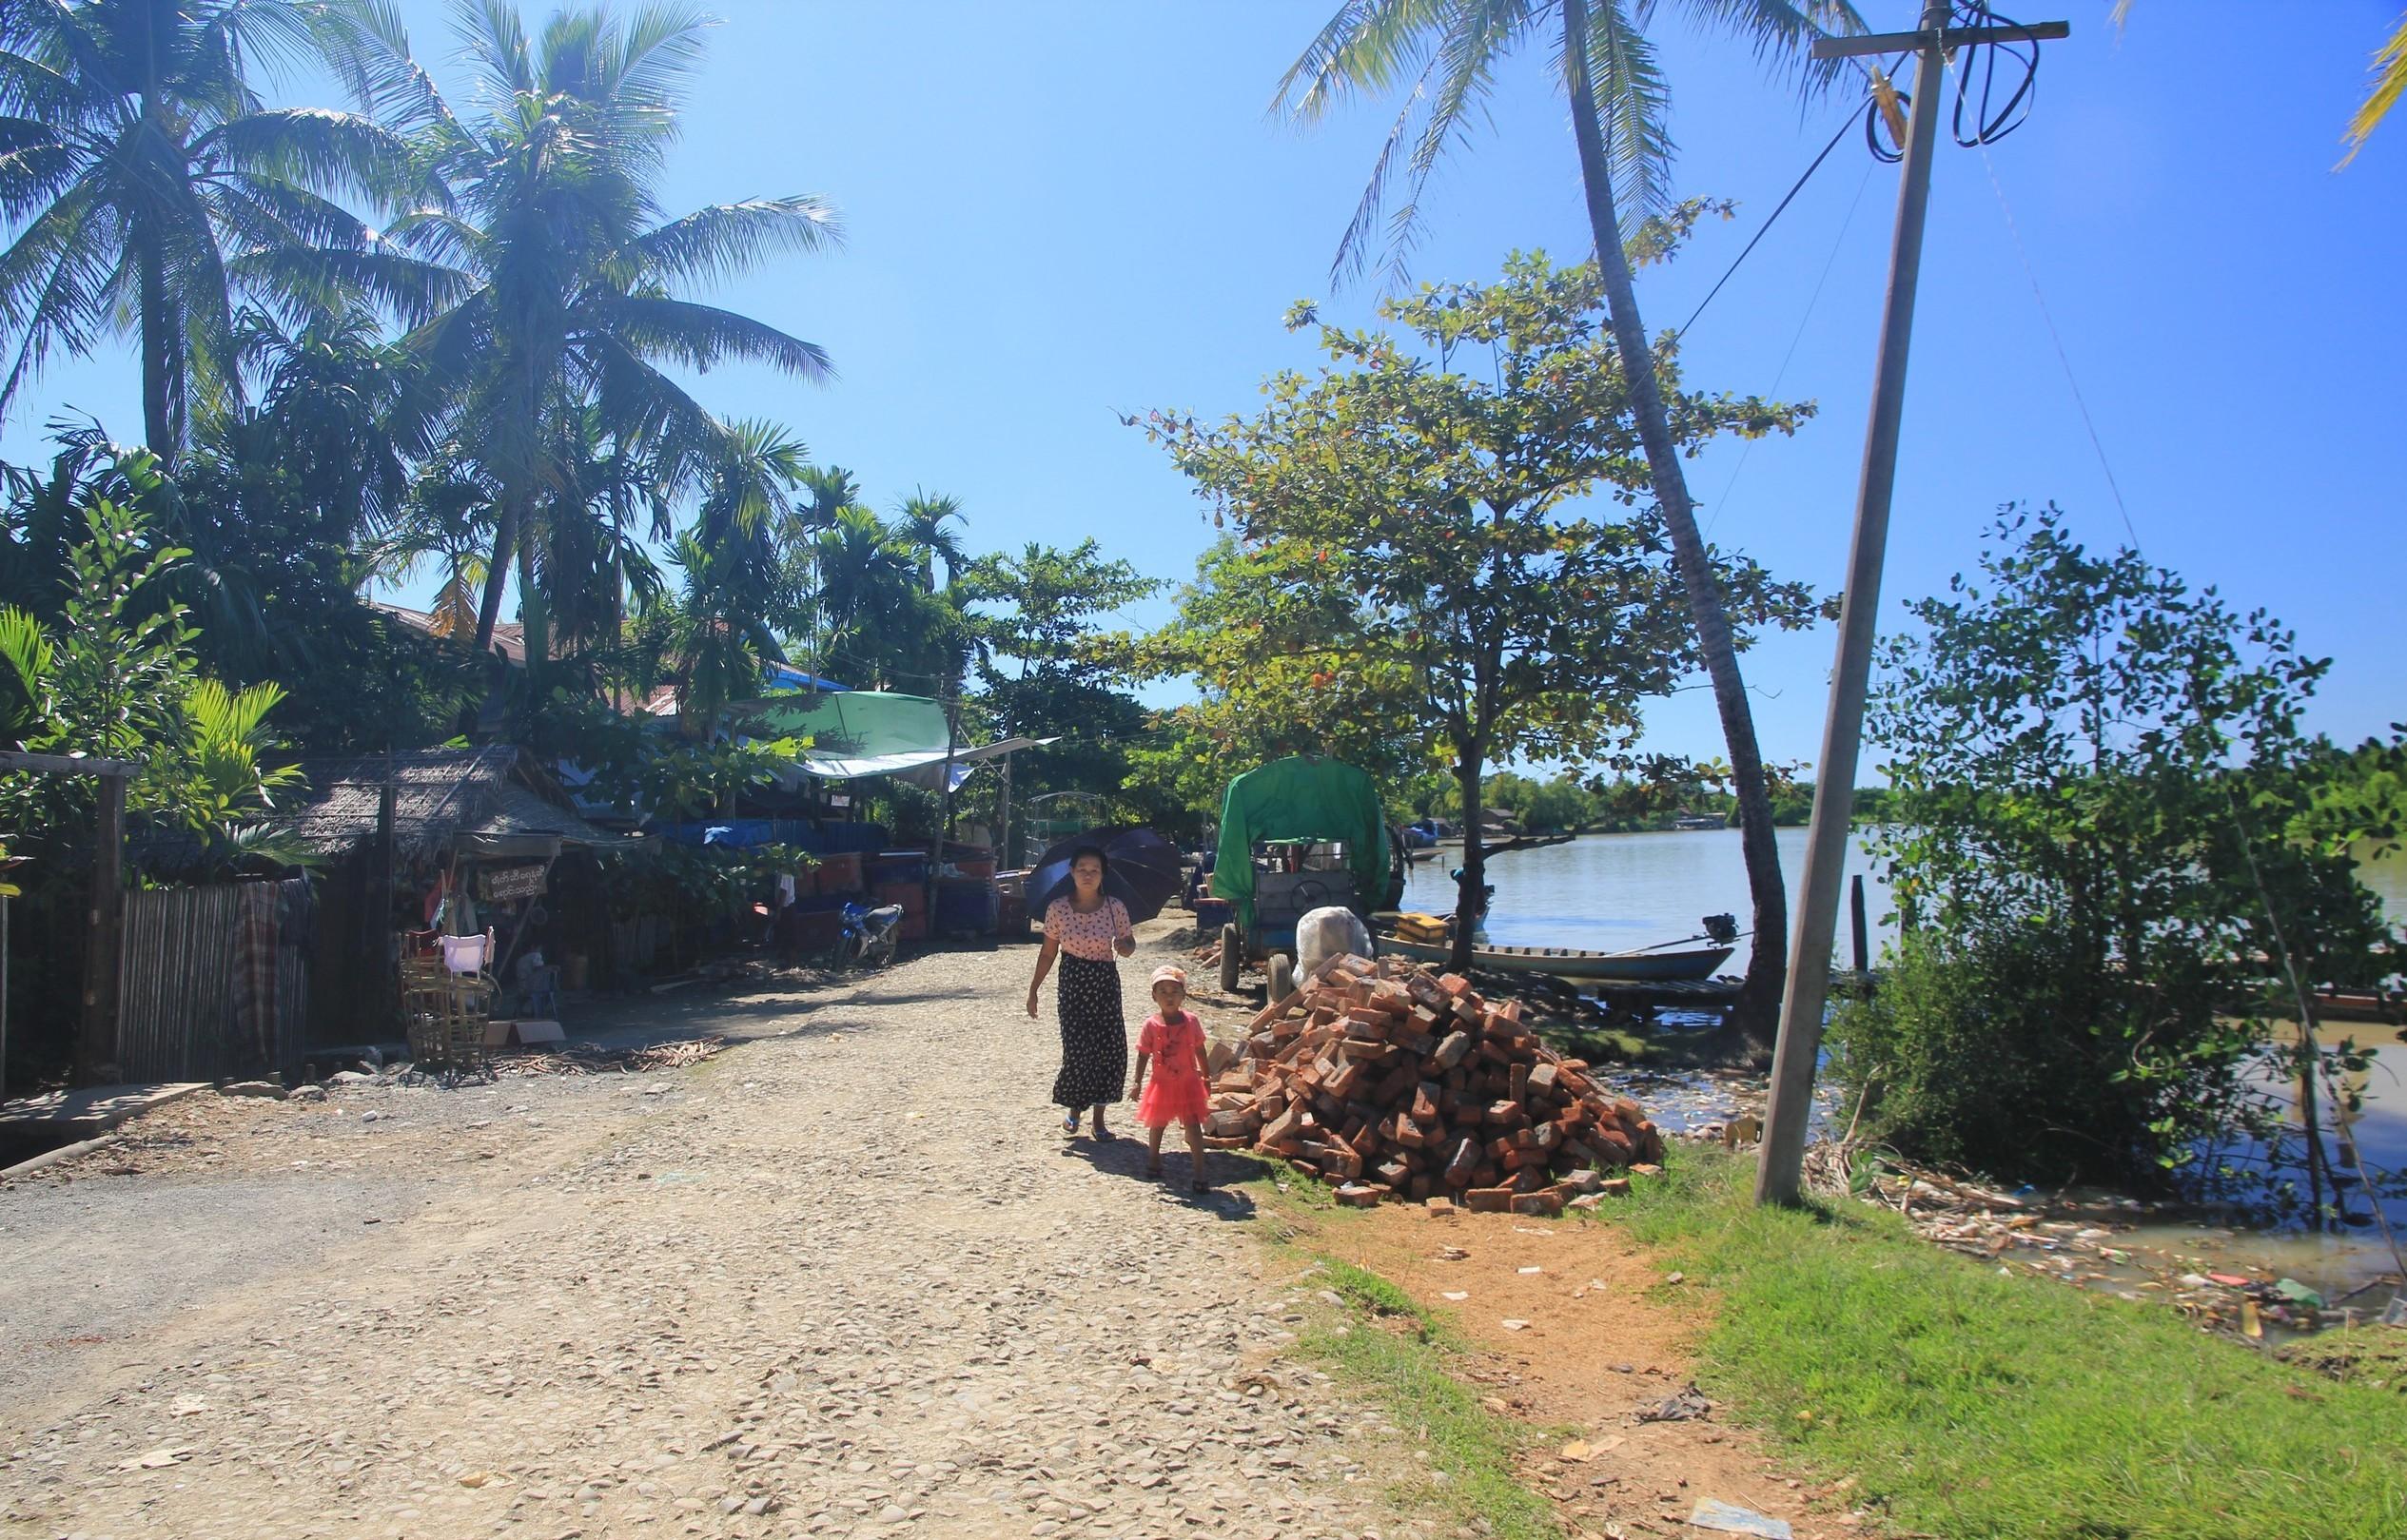 Mrauk_U,_Rakhine_State_01